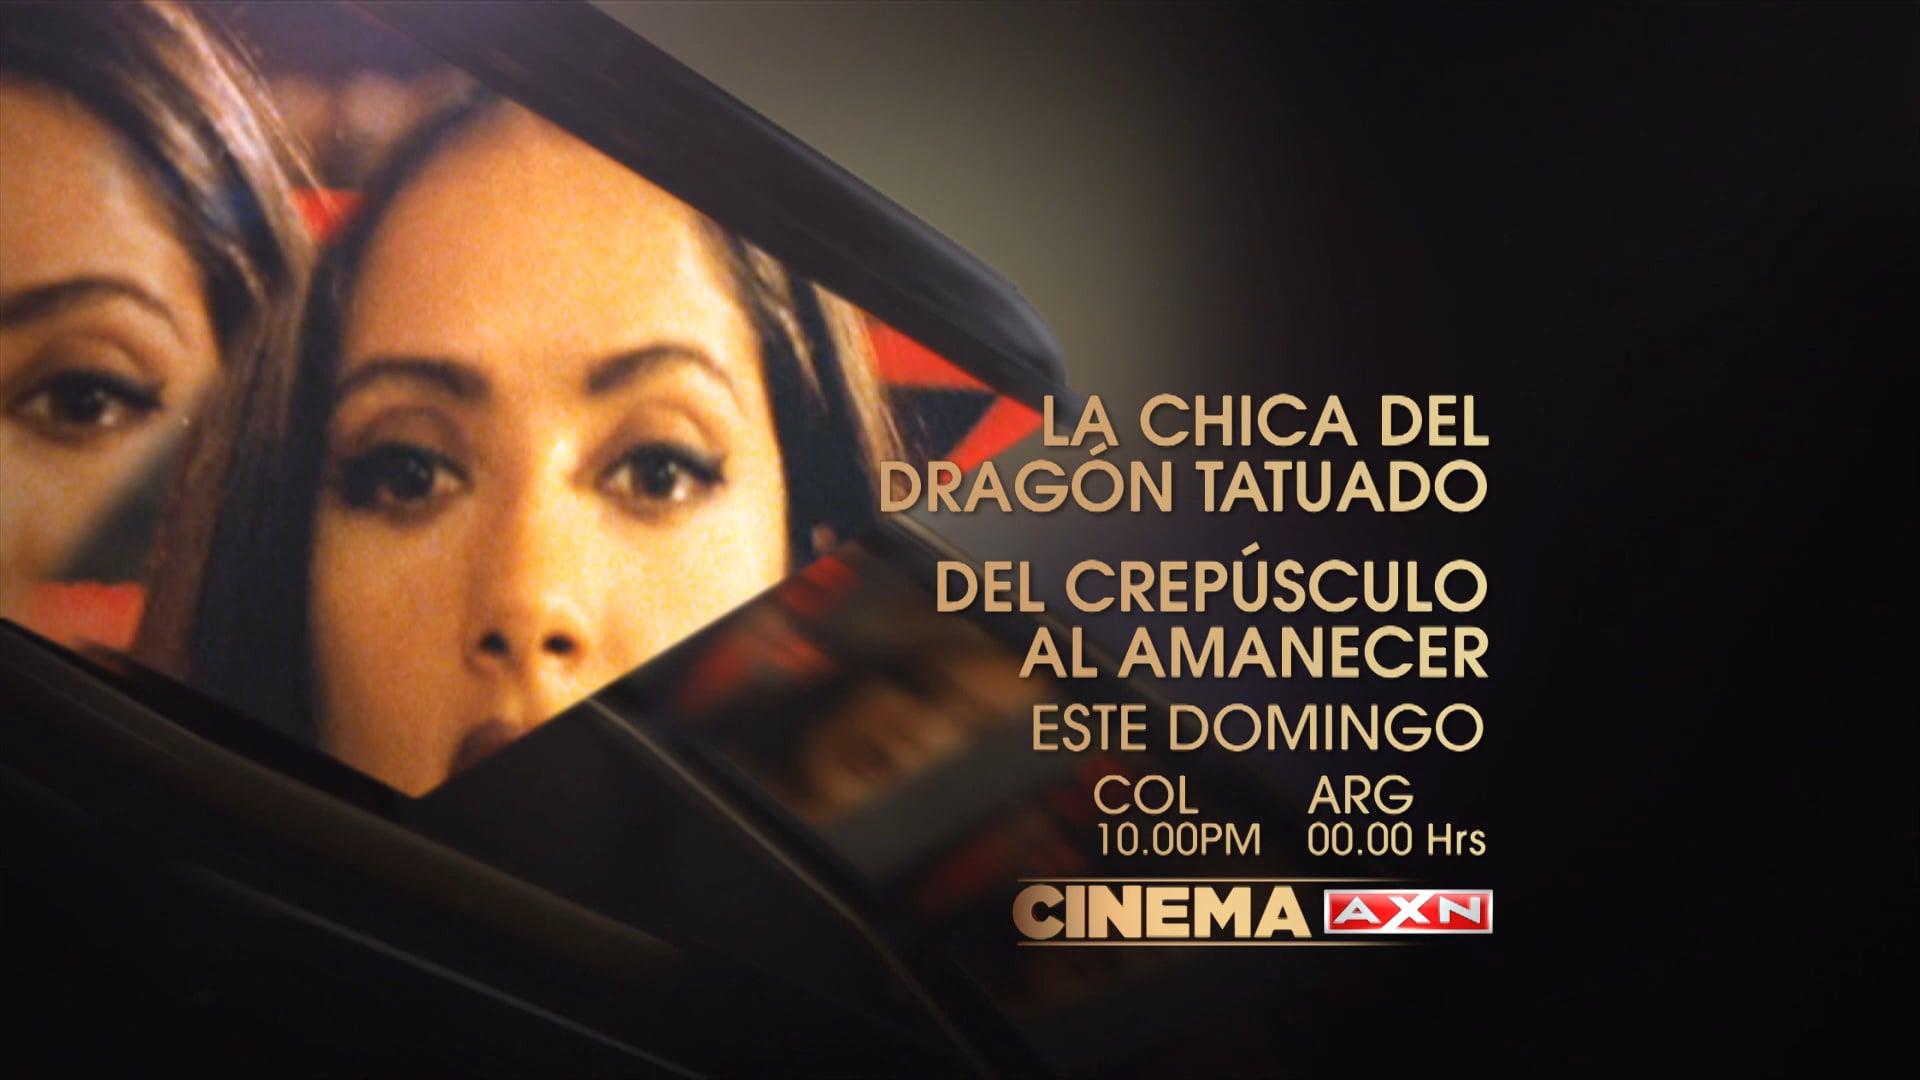 CINEMA AXN – CAP DOBLE – LA CHICA DEL DRAGON TATUADO – DEL CREPUSCULO AL AMANECER